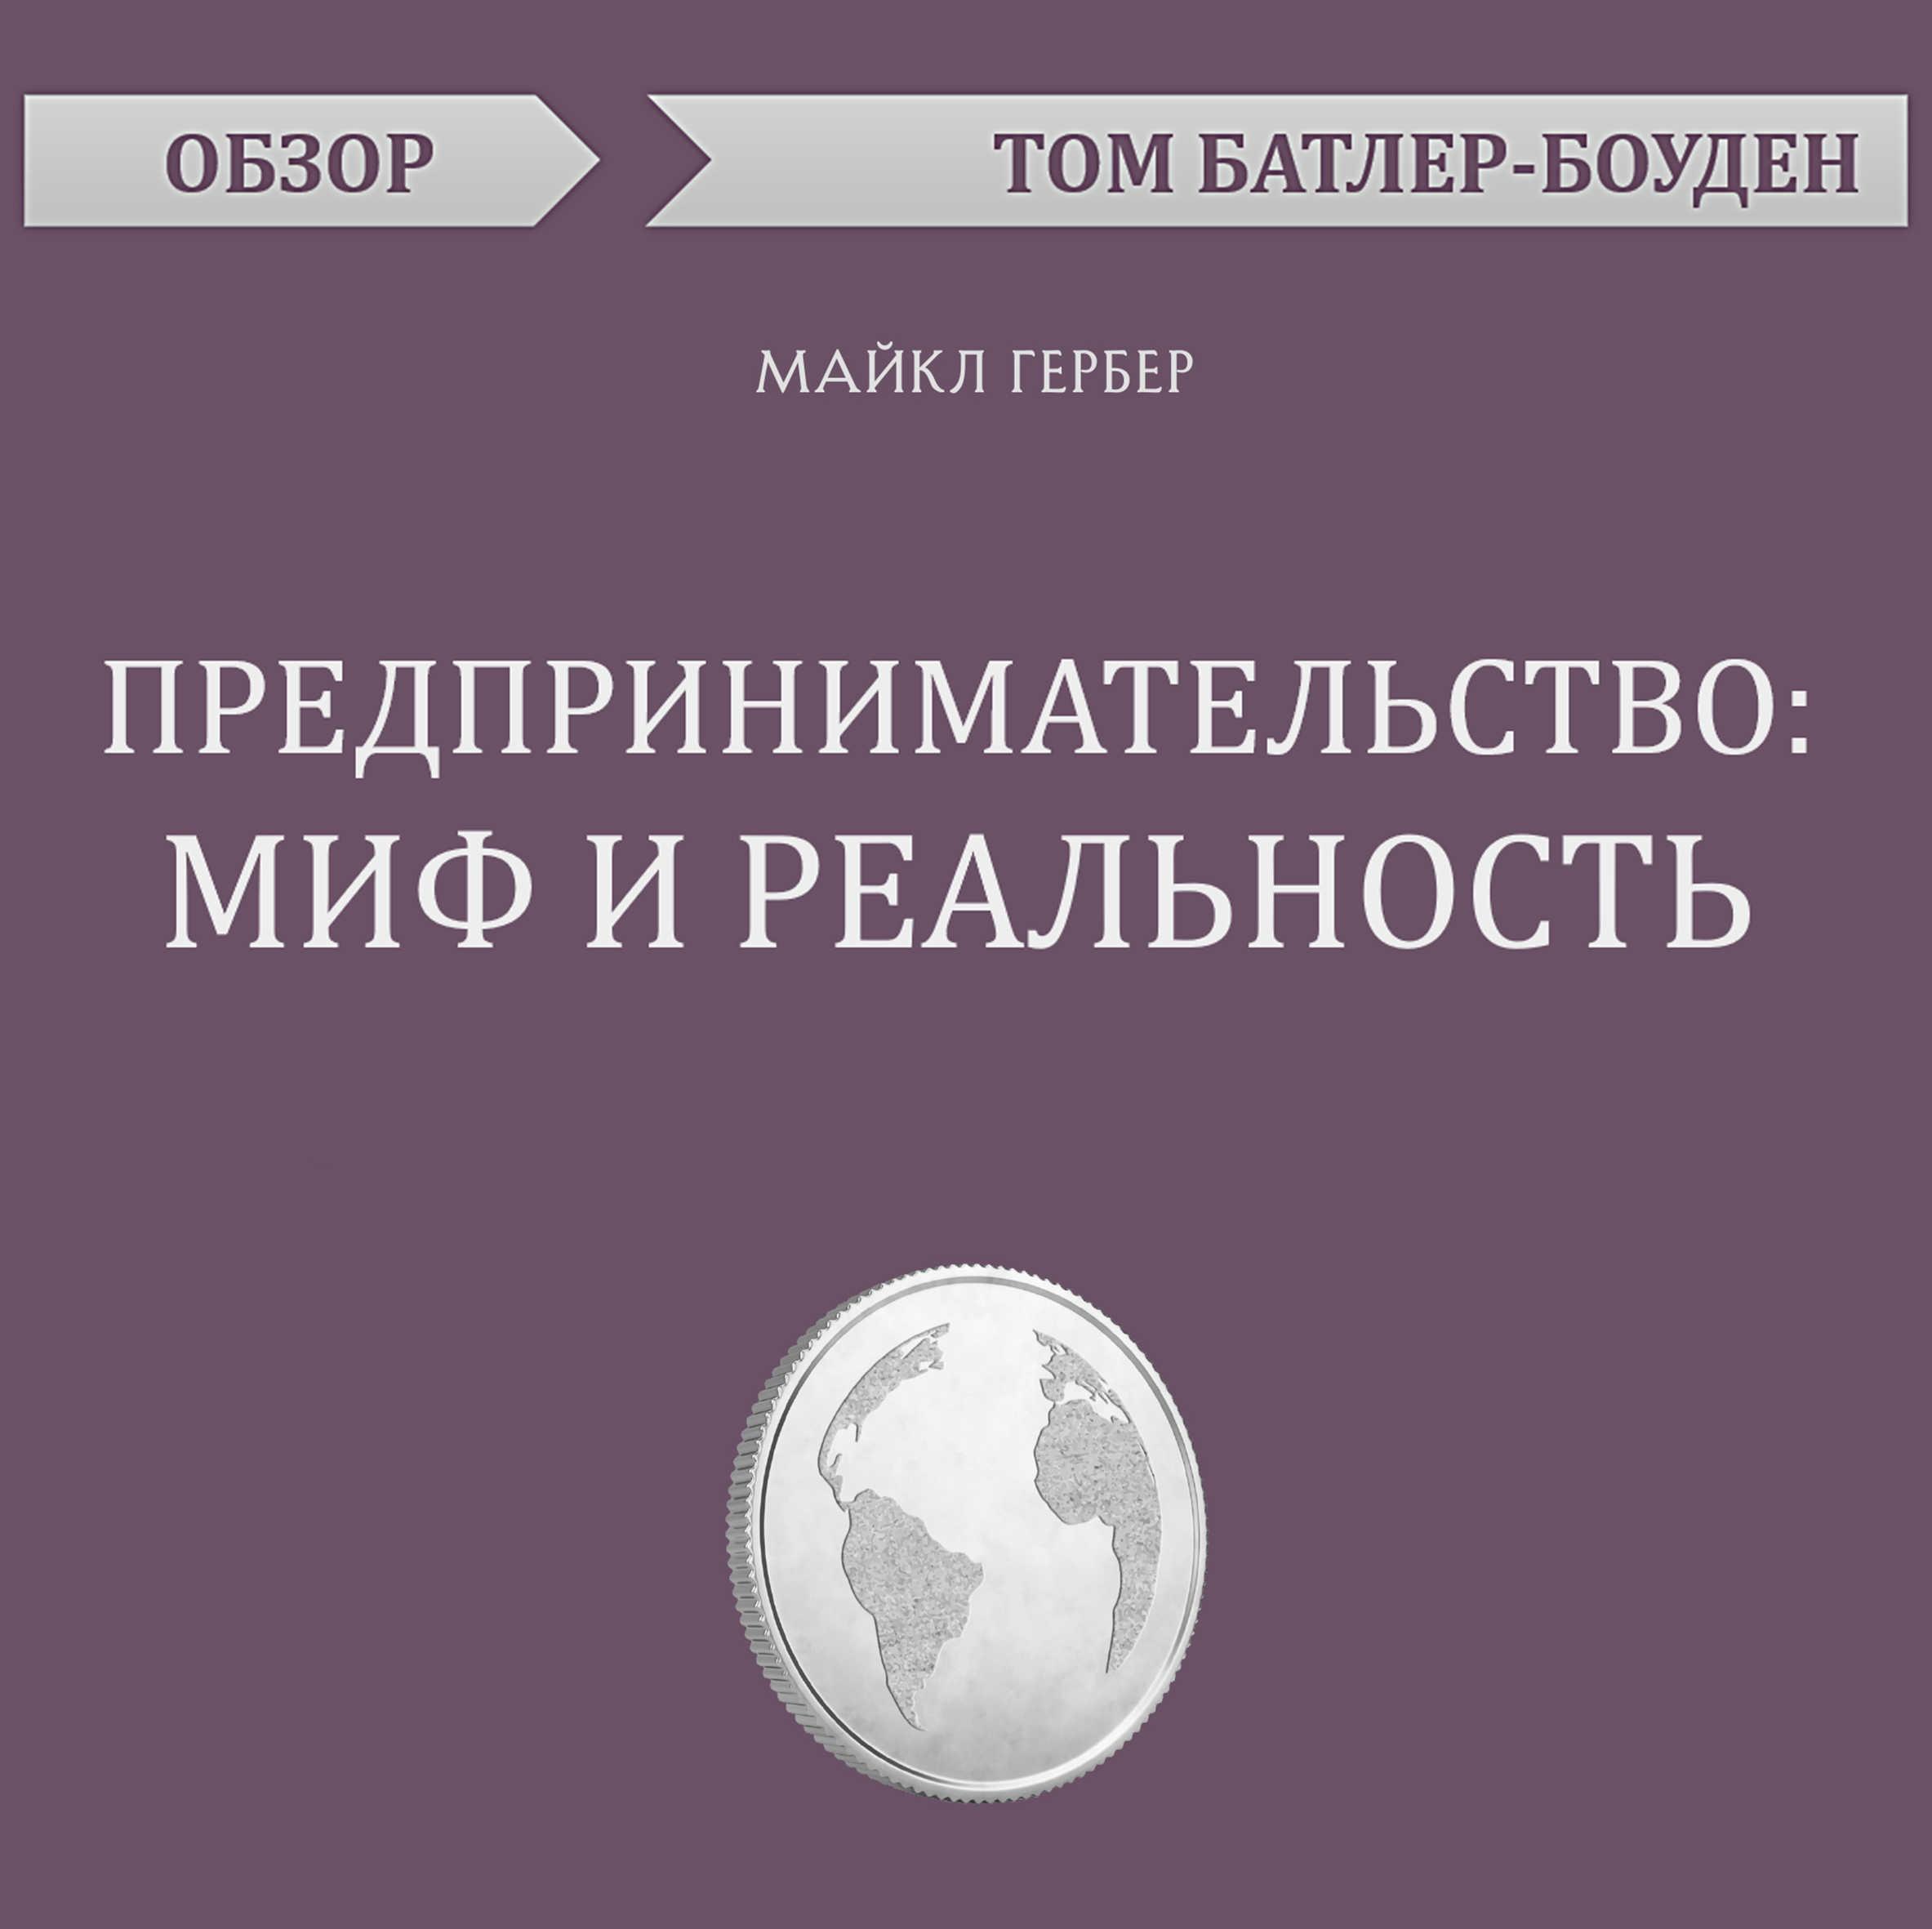 Купить книгу Предпринимательство: миф и реальность. Майкл Гербер (обзор), автора Тома Батлера-Боудона